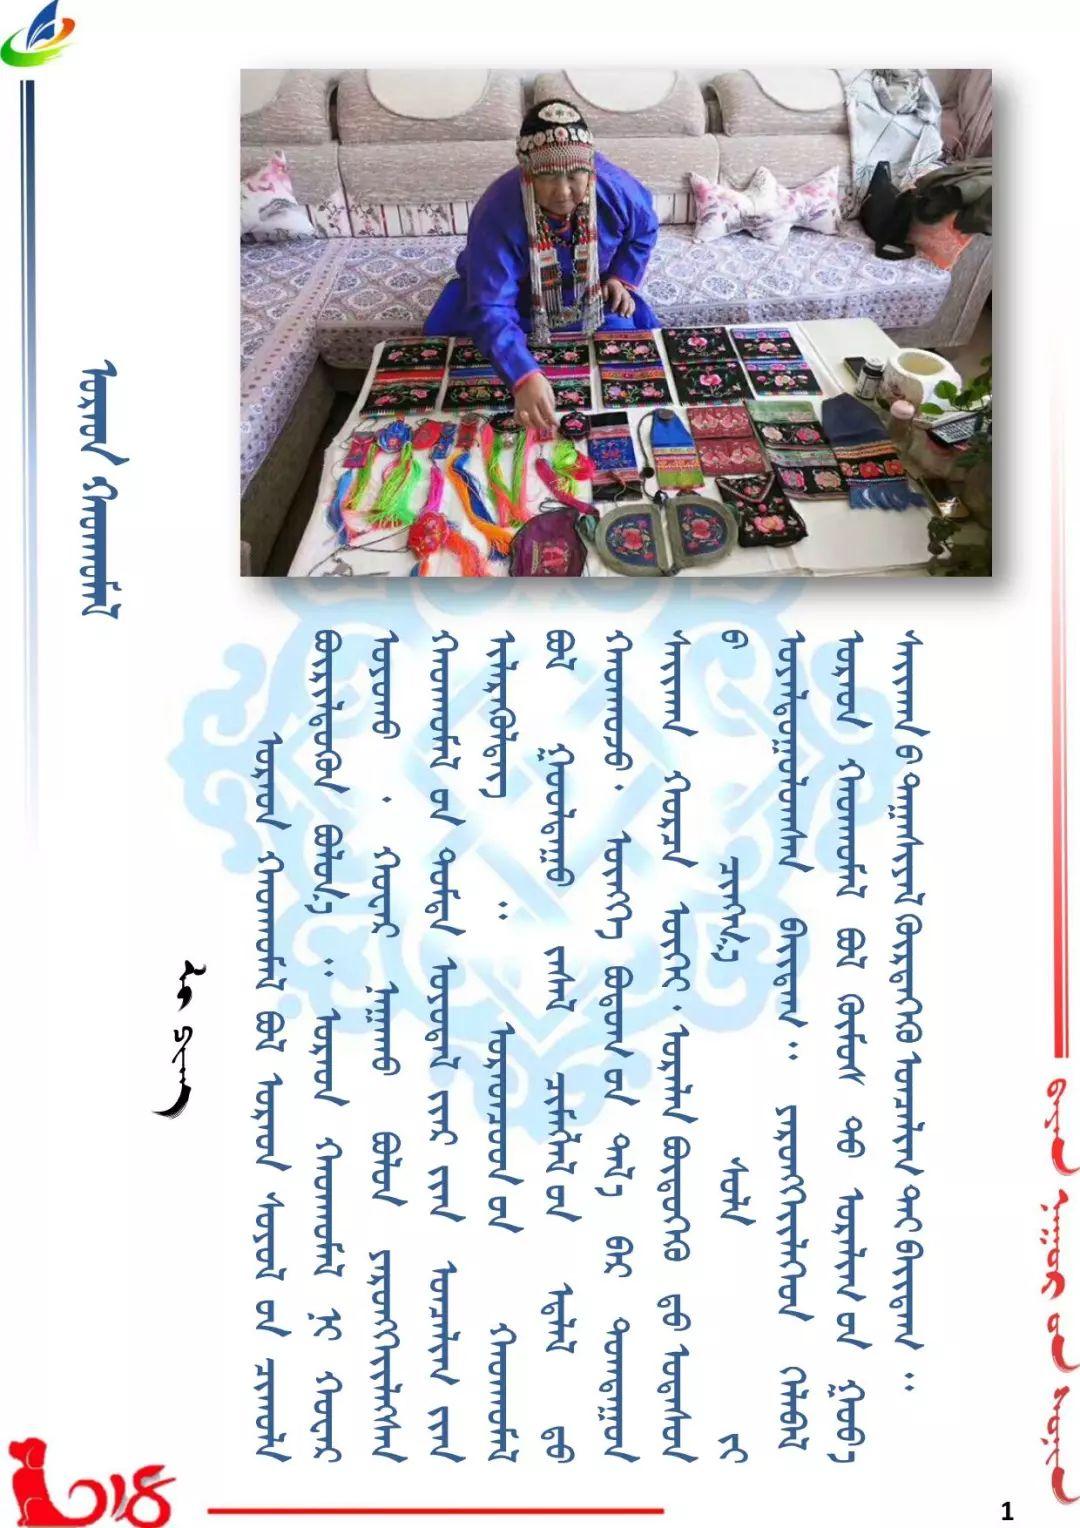 【乌拉特文化】指尖艺术——乌拉特刺绣 第1张 【乌拉特文化】指尖艺术——乌拉特刺绣 蒙古工艺